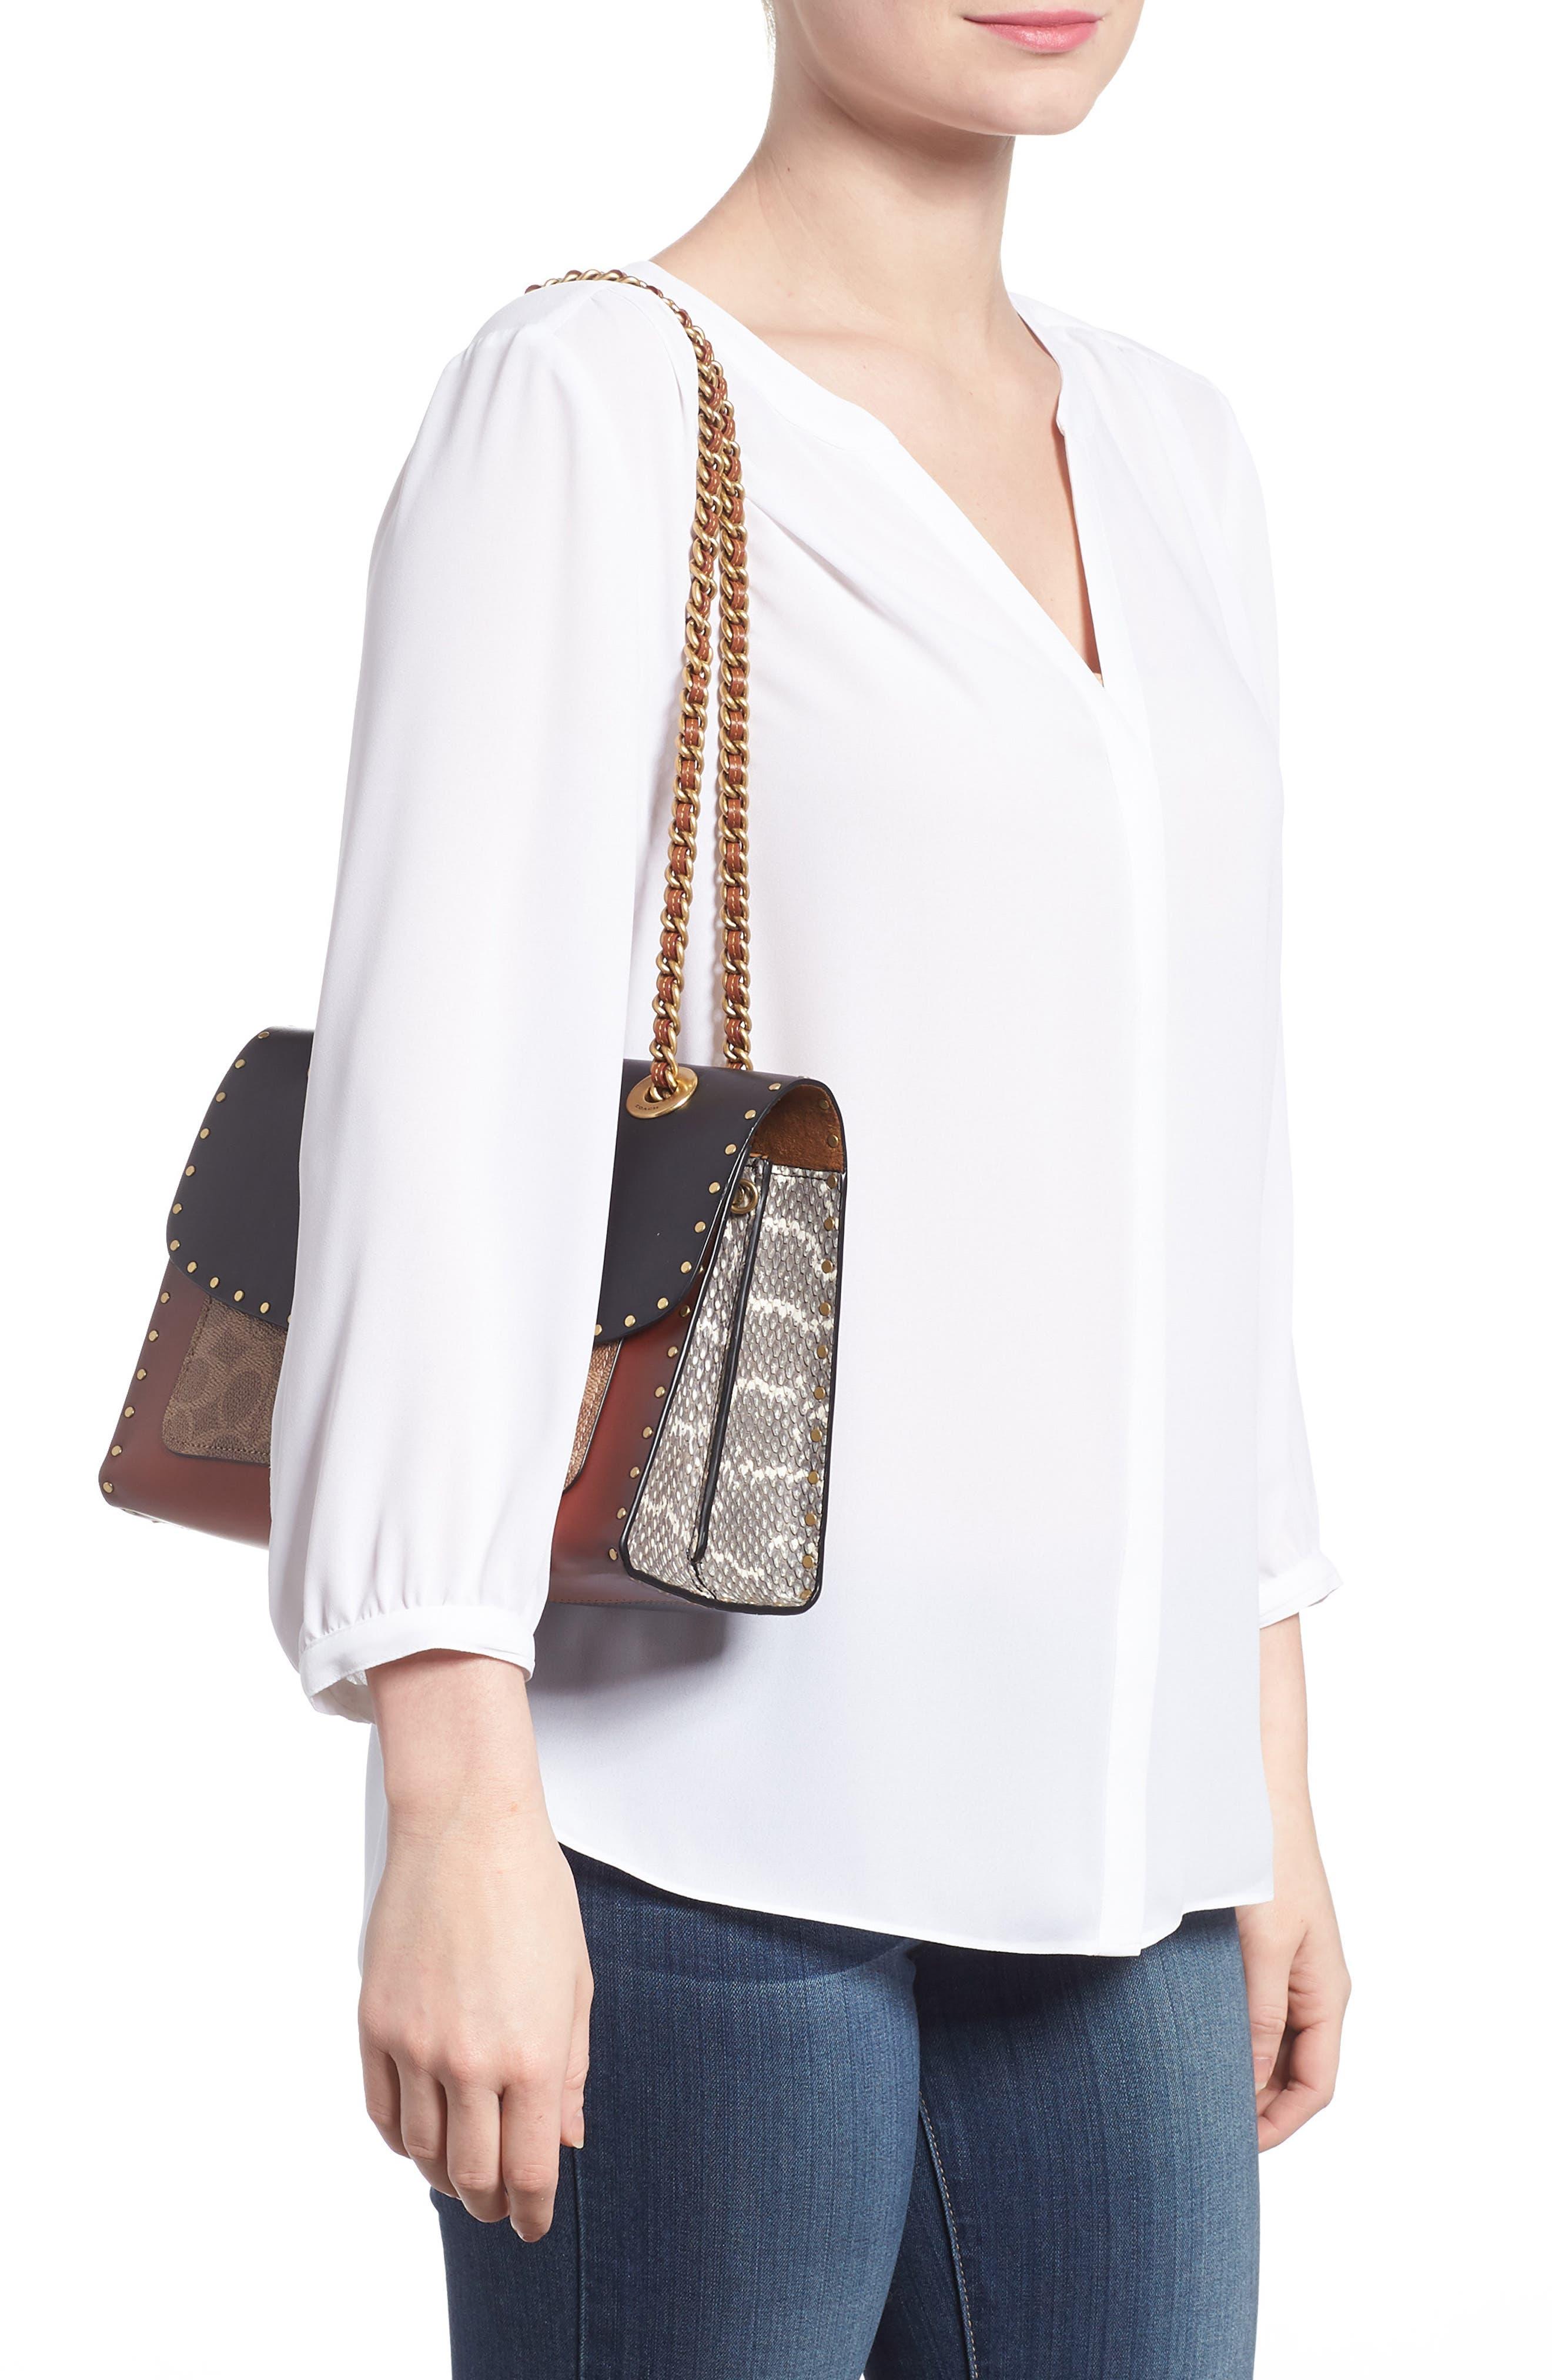 Parker Leather & Genuine Snakeskin Shoulder Bag,                             Alternate thumbnail 2, color,                             BLACK MULTI